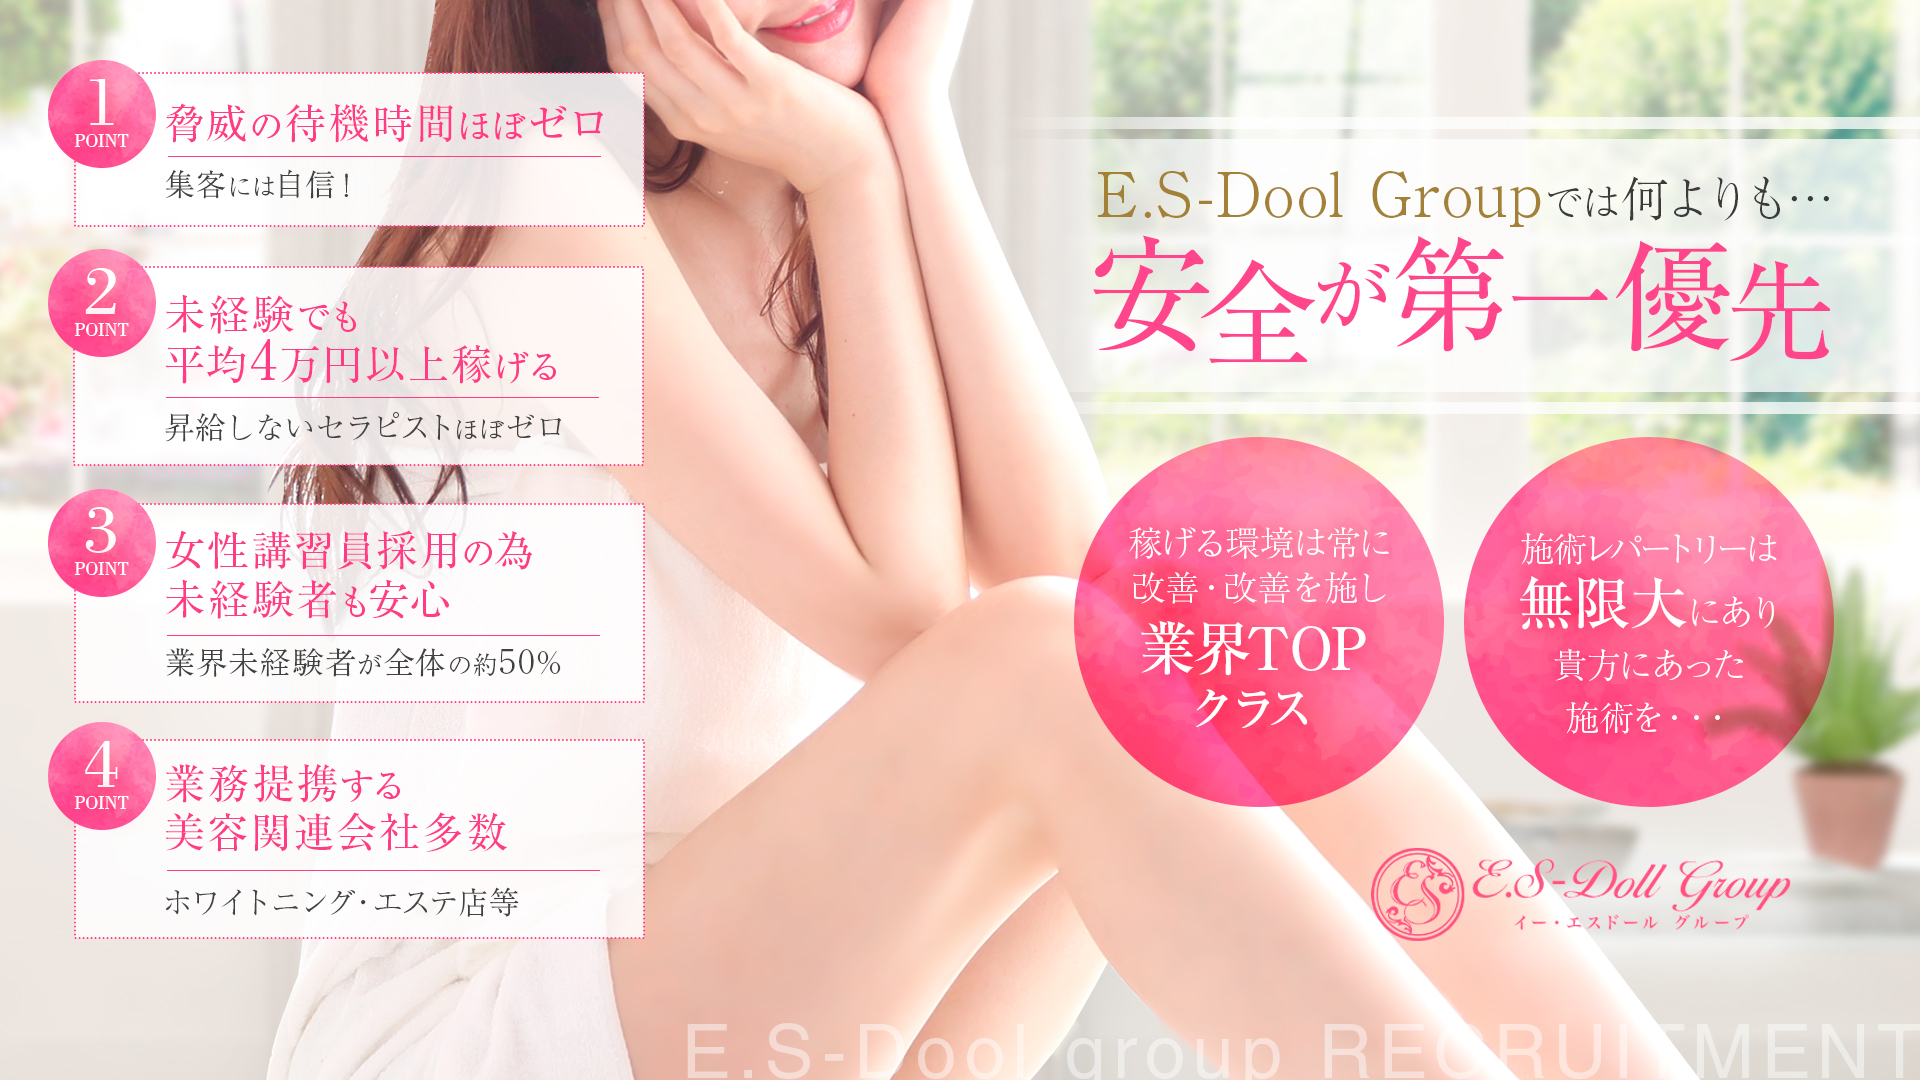 E.S-Doll(イーエスドール)グループの求人画像